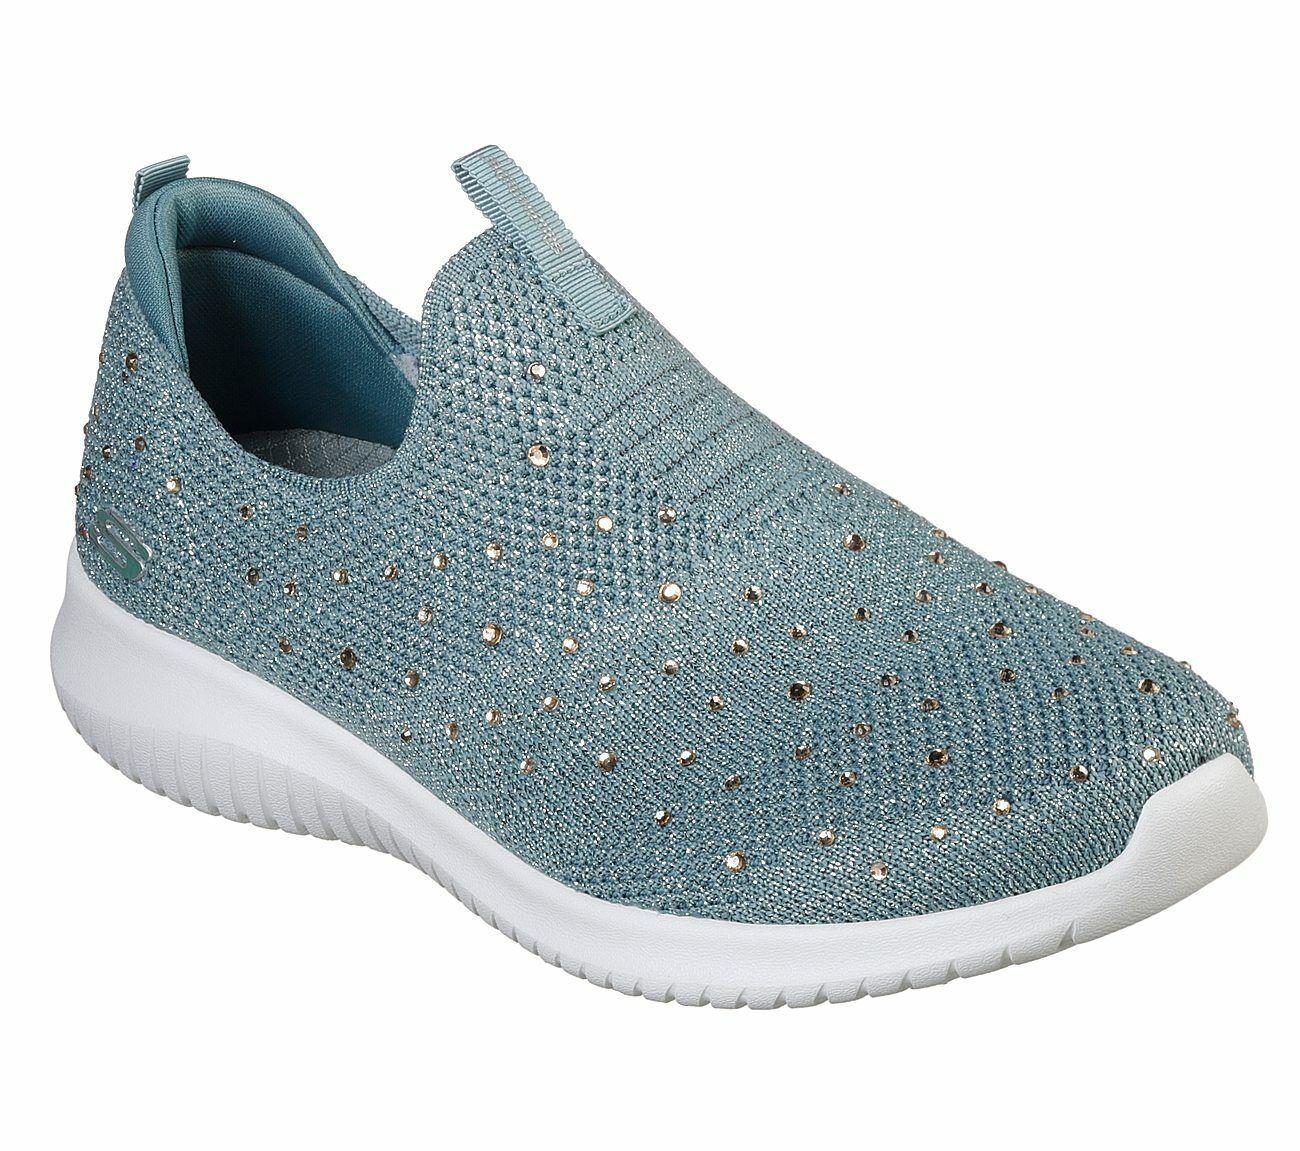 outlet store 00ca8 c3e0a Details zu NEU SKECHERS Damen Sneakers ULTRA FLEX Freizeitschuhe Slipper  Sportschuhe Grün